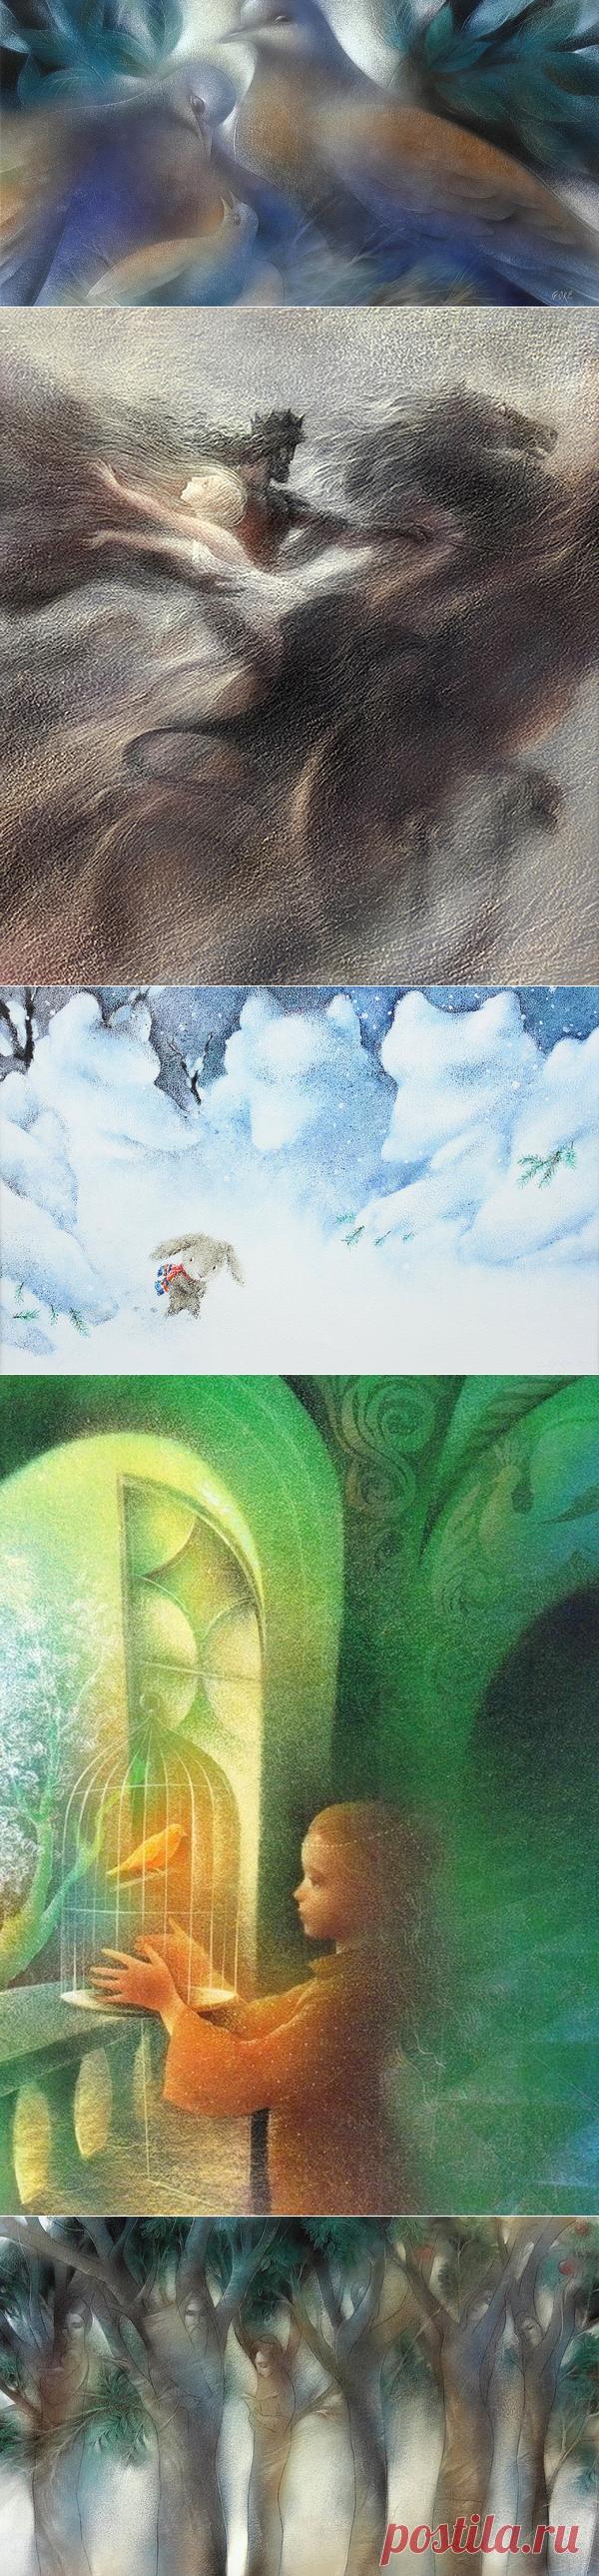 >Волшебные краски... мягкие линии... Сказка! Художник - иллюстратор Leonid Gore